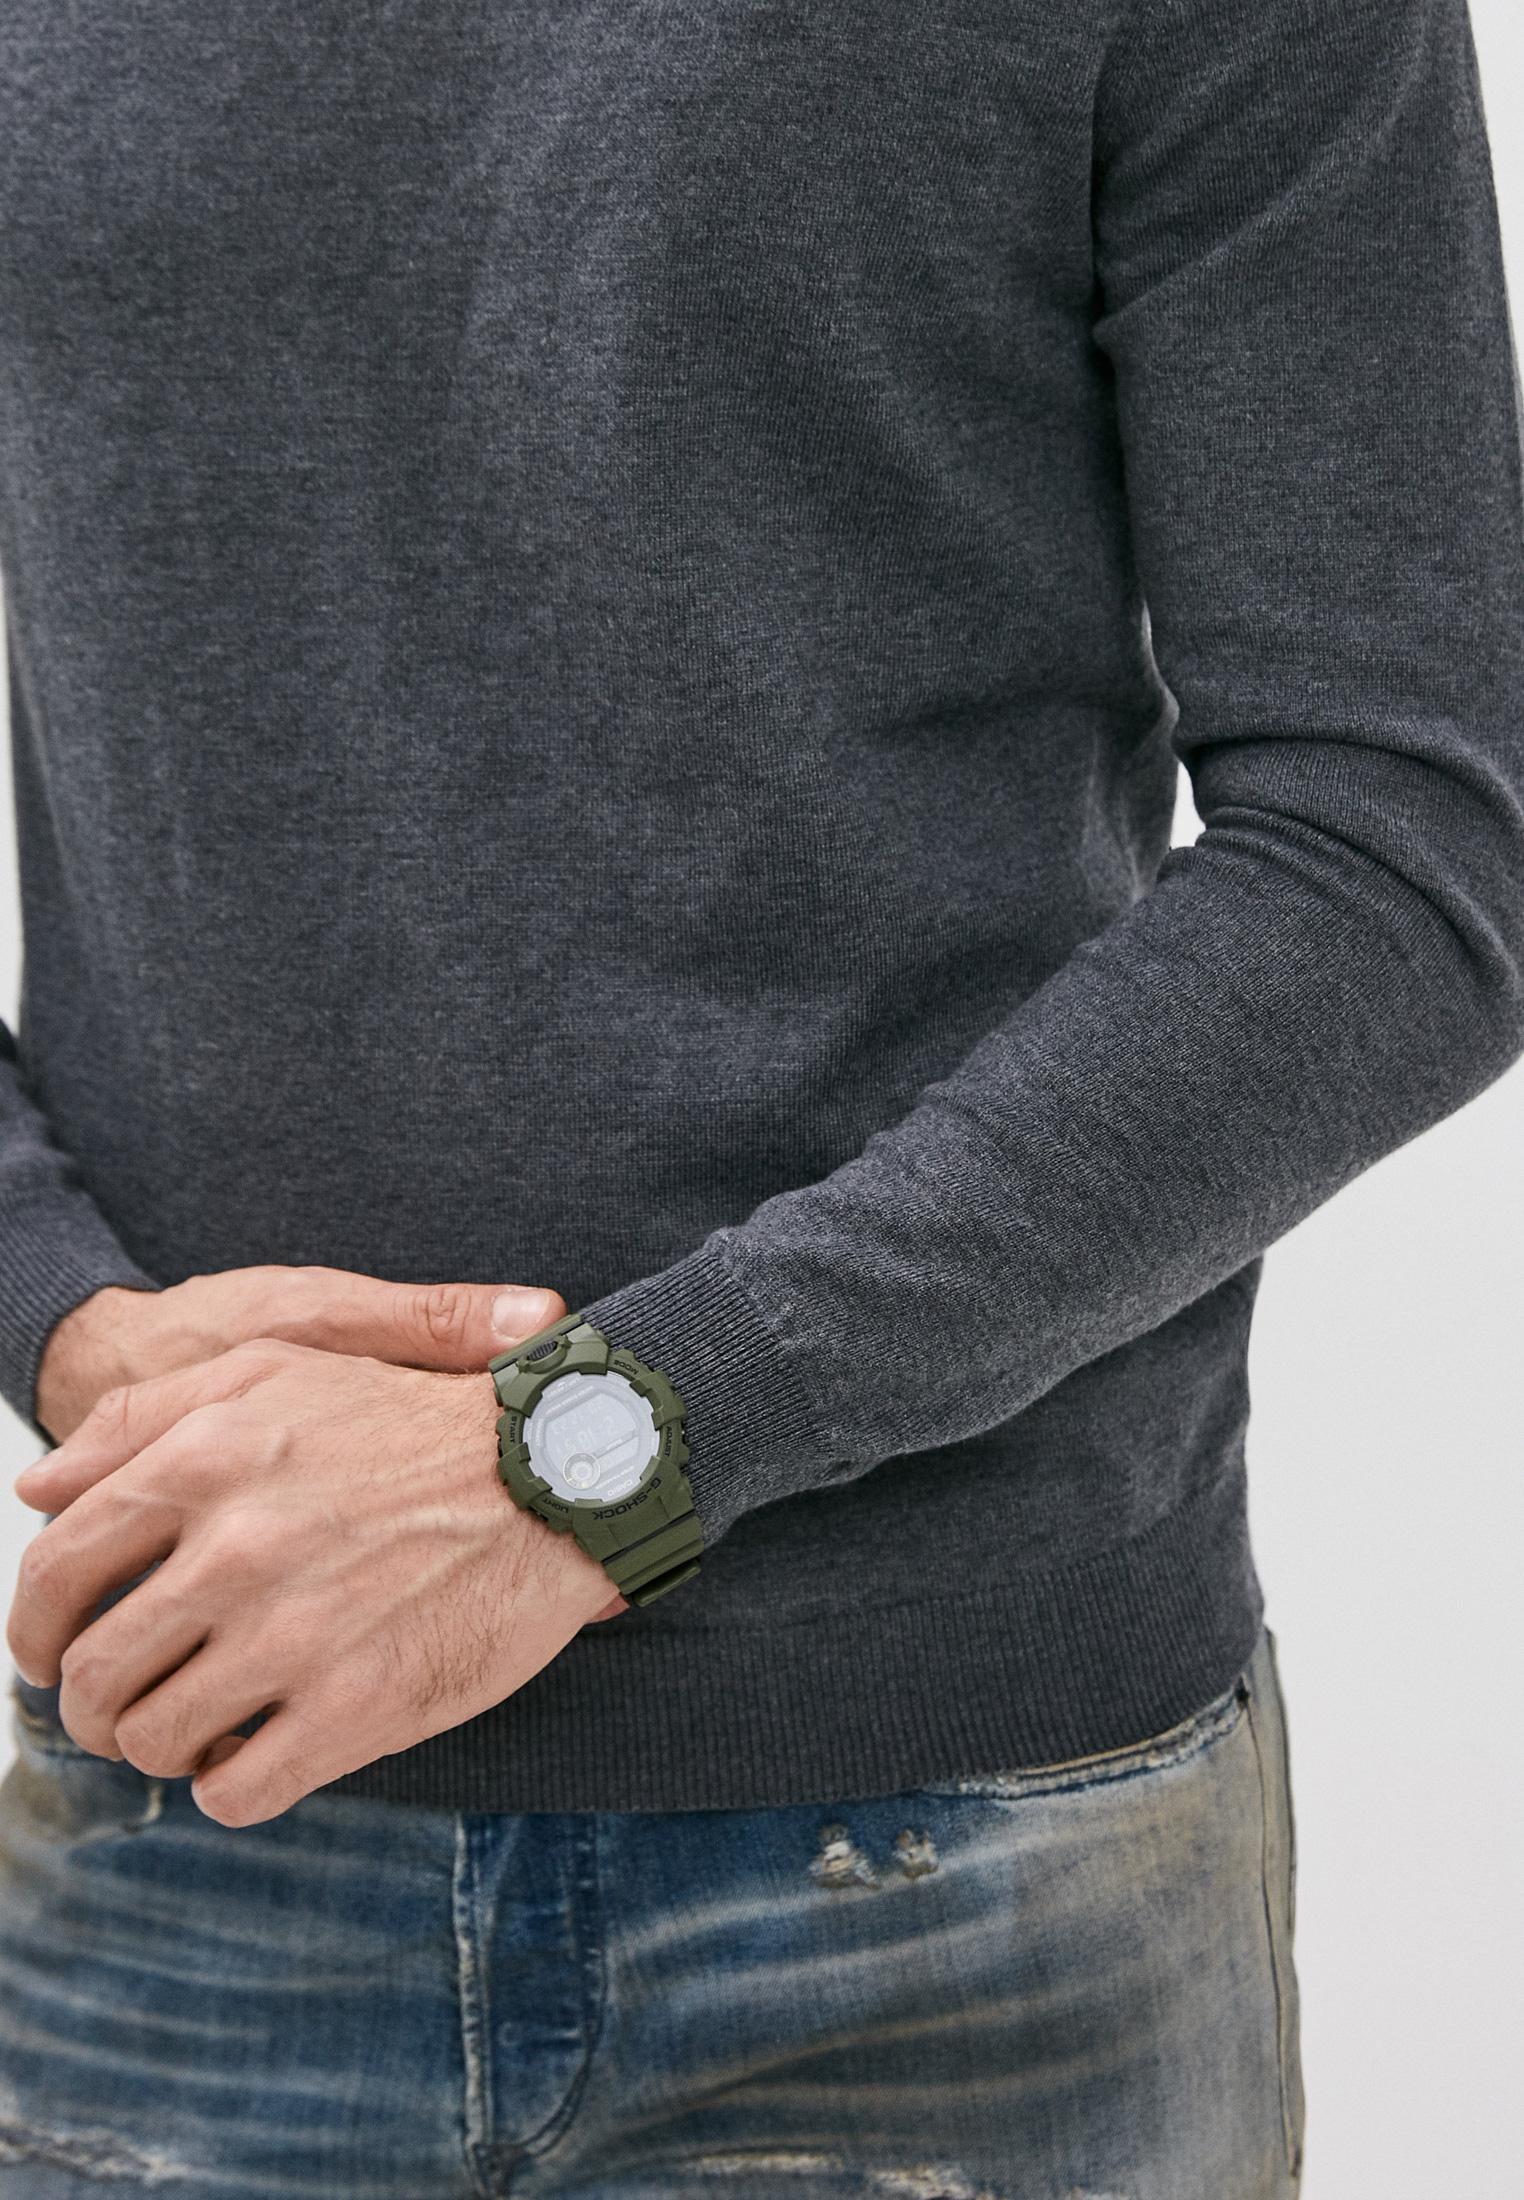 Мужские часы Casio GBD-800UC-3ER: изображение 6